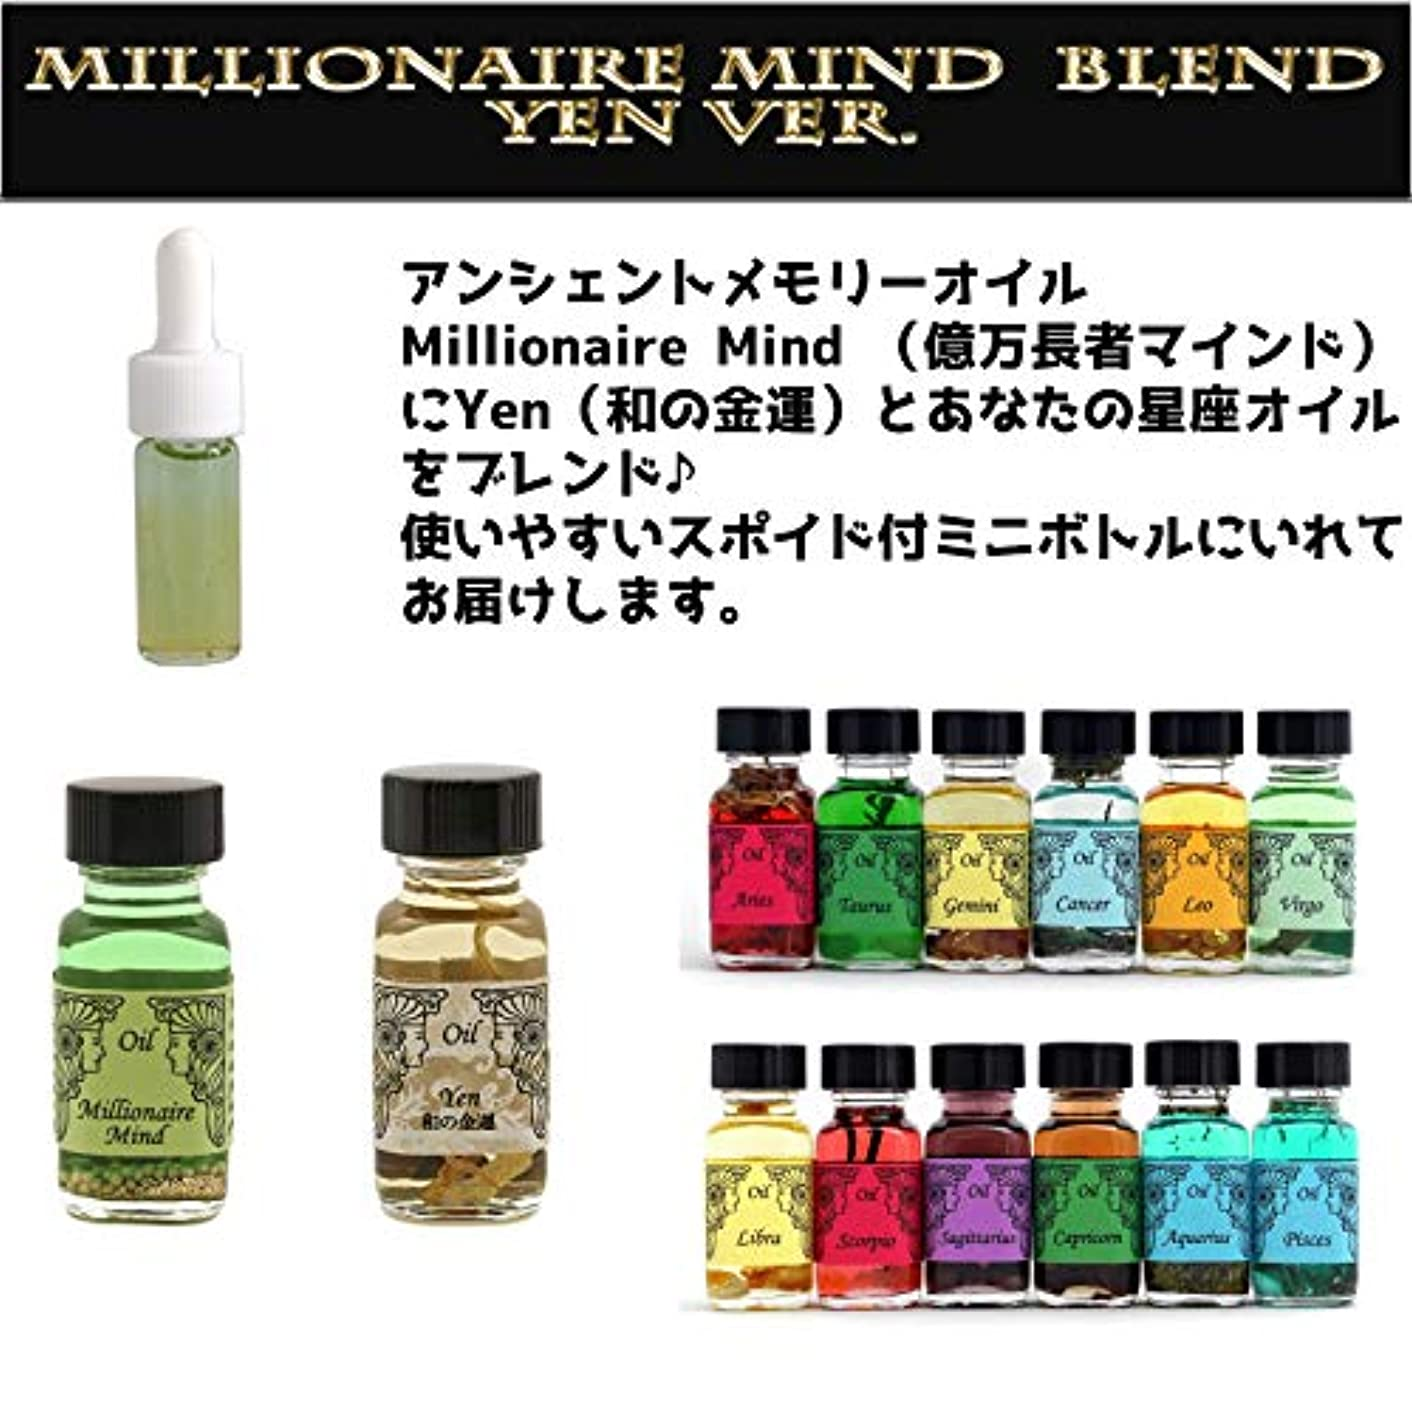 不運教えポーチアンシェントメモリーオイル Millionaire Mind 億万長者マインド ブレンド【Yen 和の金運&うお座】